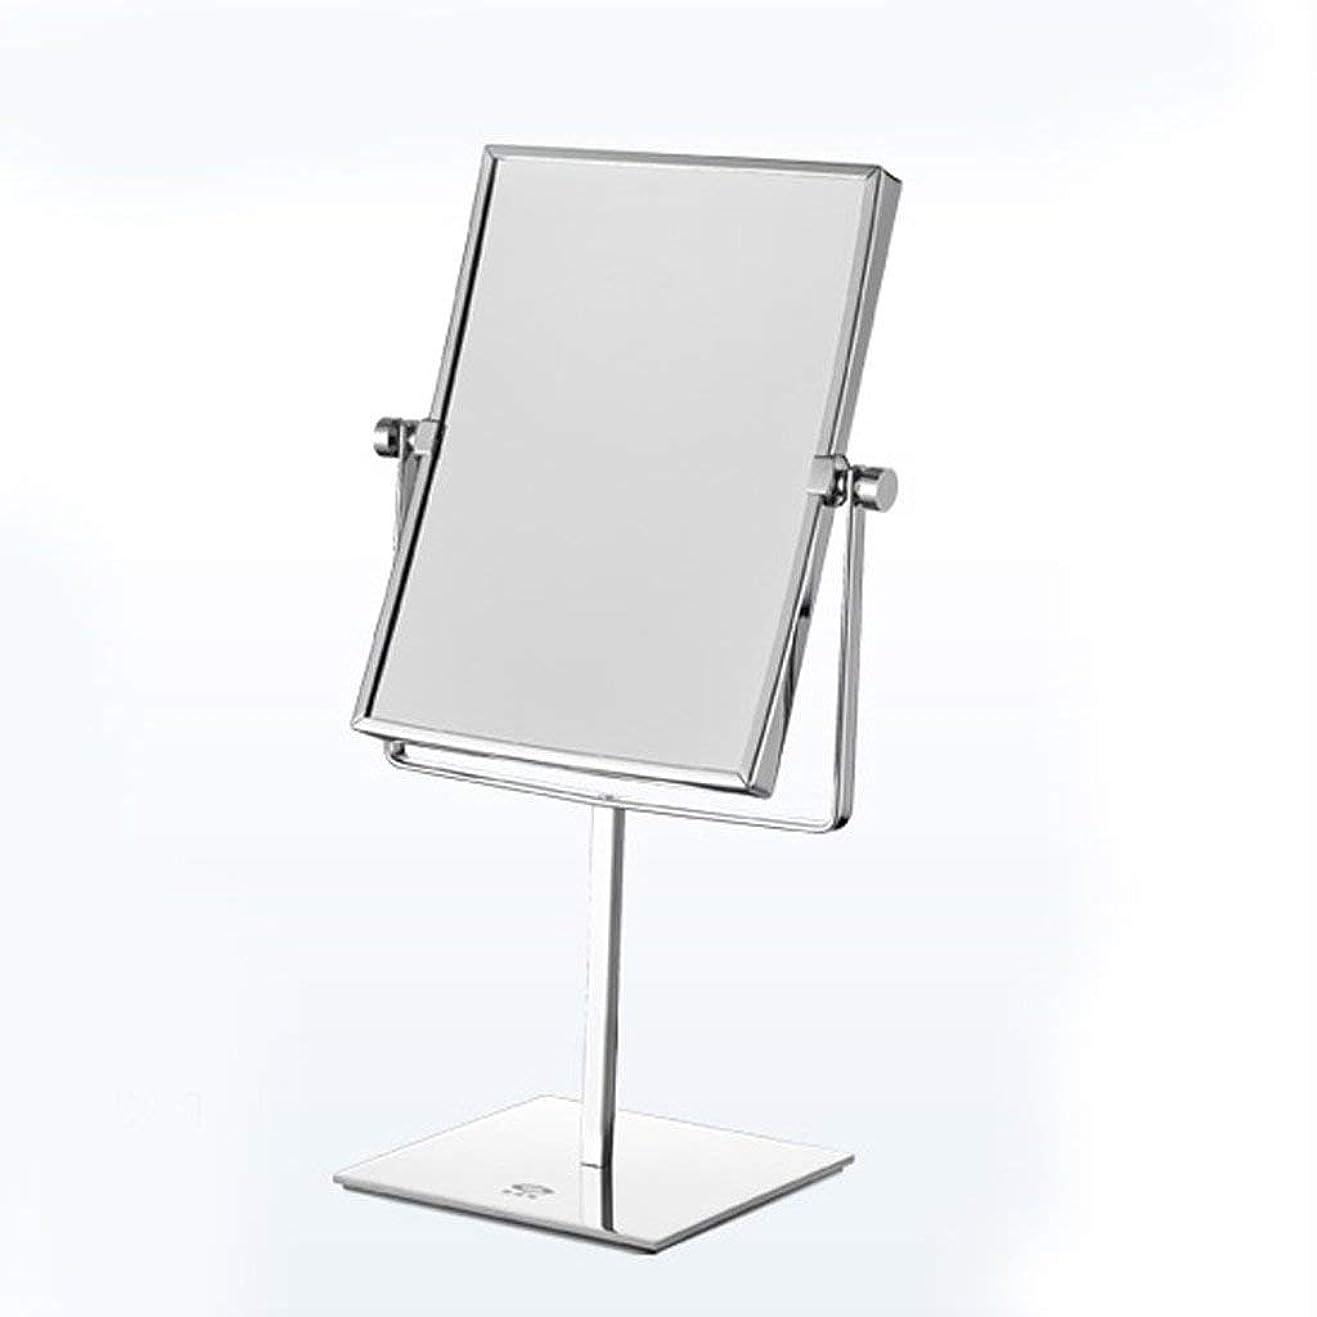 貢献同意するキネマティクス8インチヨーロッパスタイルの化粧鏡片面化粧鏡、化粧鏡、美容鏡、携帯用鏡